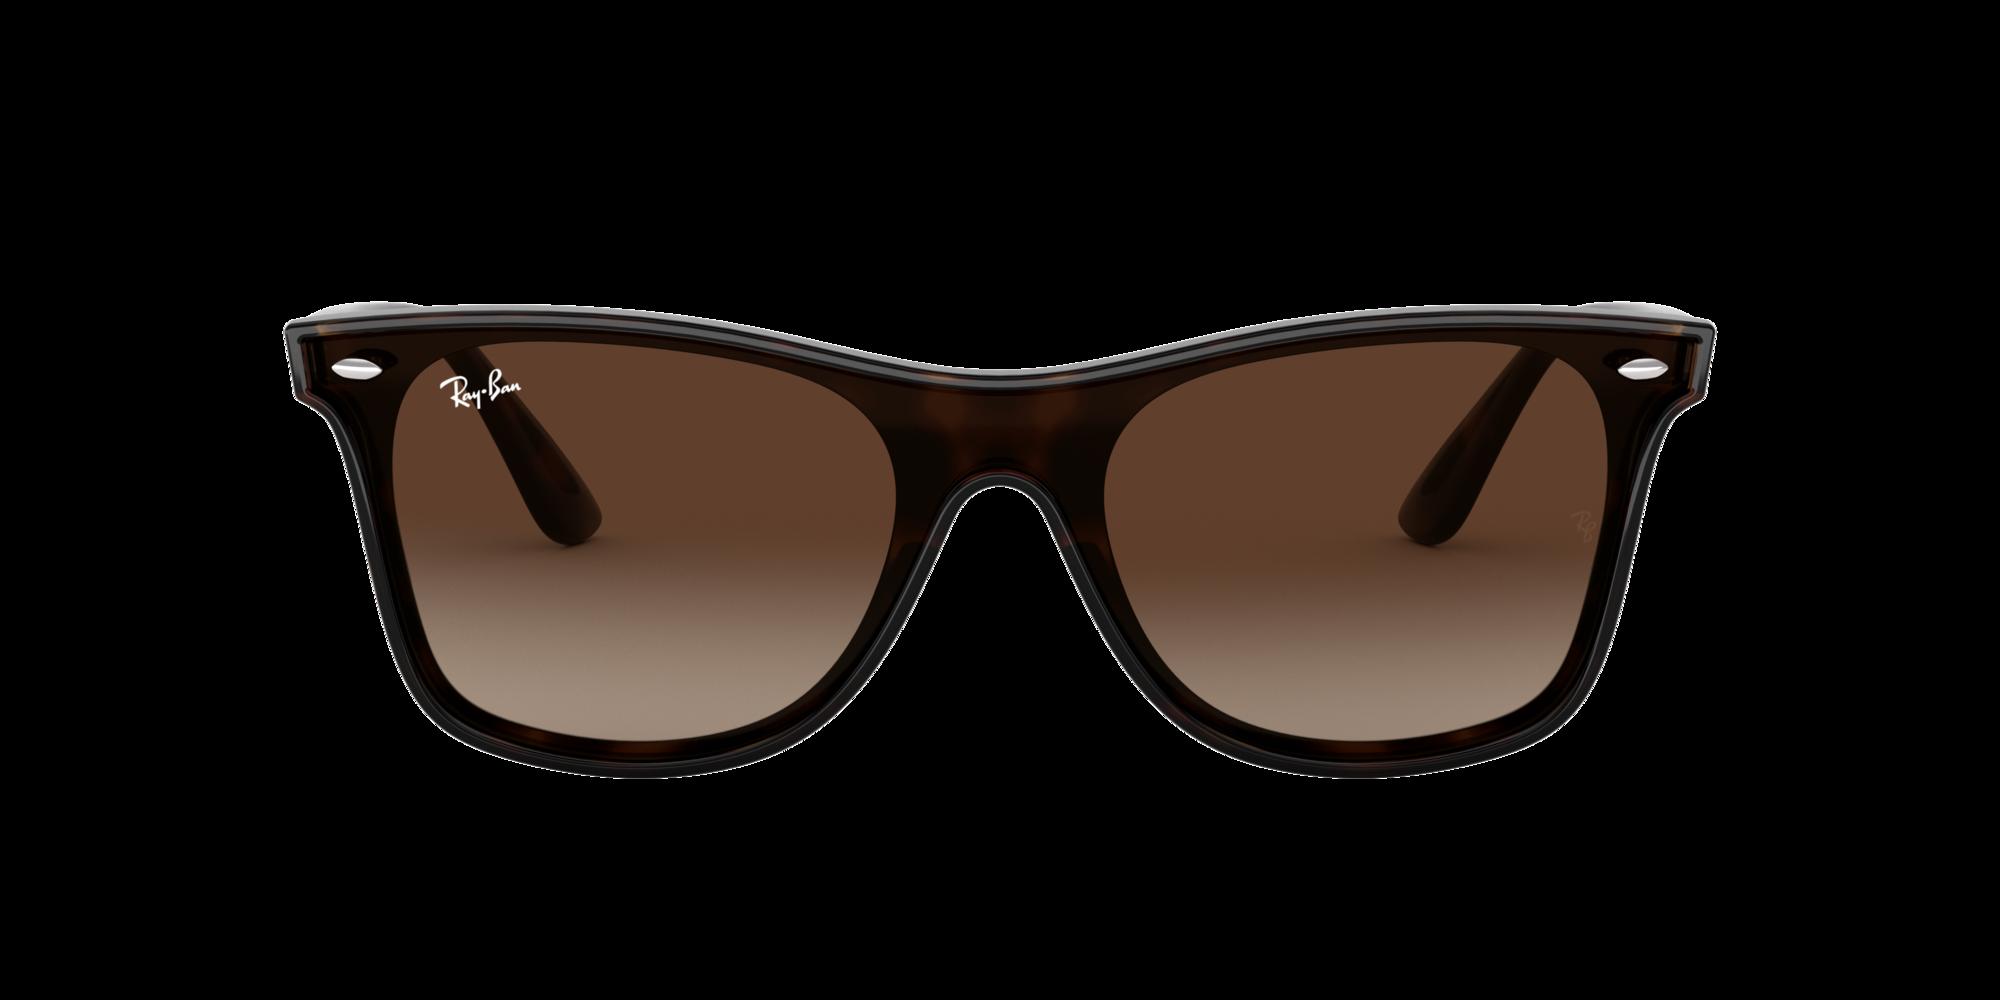 Image for RB4440N 41 BLAZE WAYFARER from LensCrafters   Glasses, Prescription Glasses Online, Eyewear